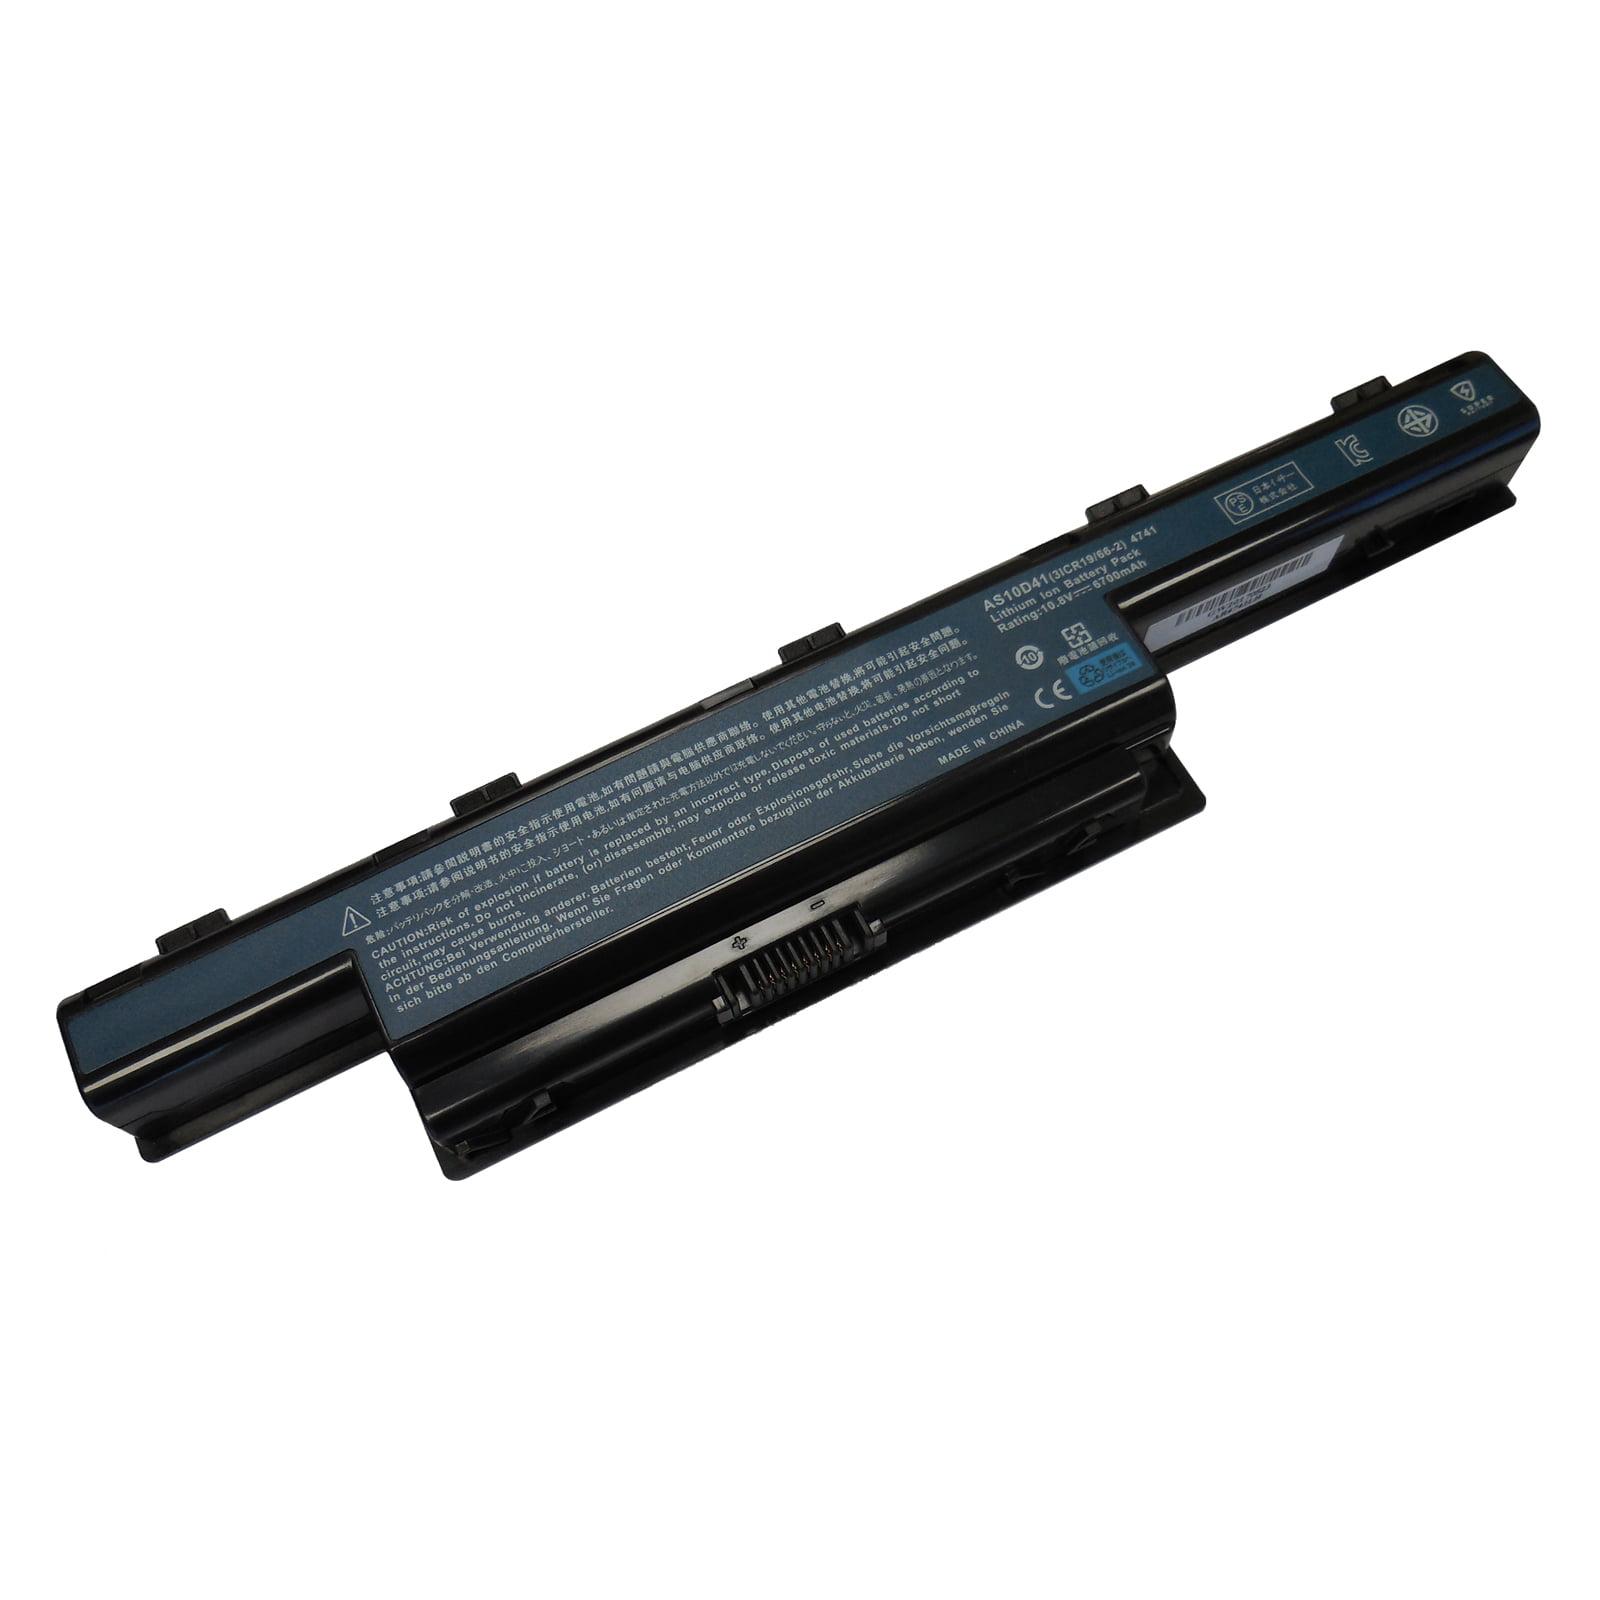 Superb Choice - Super-Capacity Li-ion Batterie pour ACER TravelMate 8472G HF, 8472T, 8472T HF - image 1 de 1